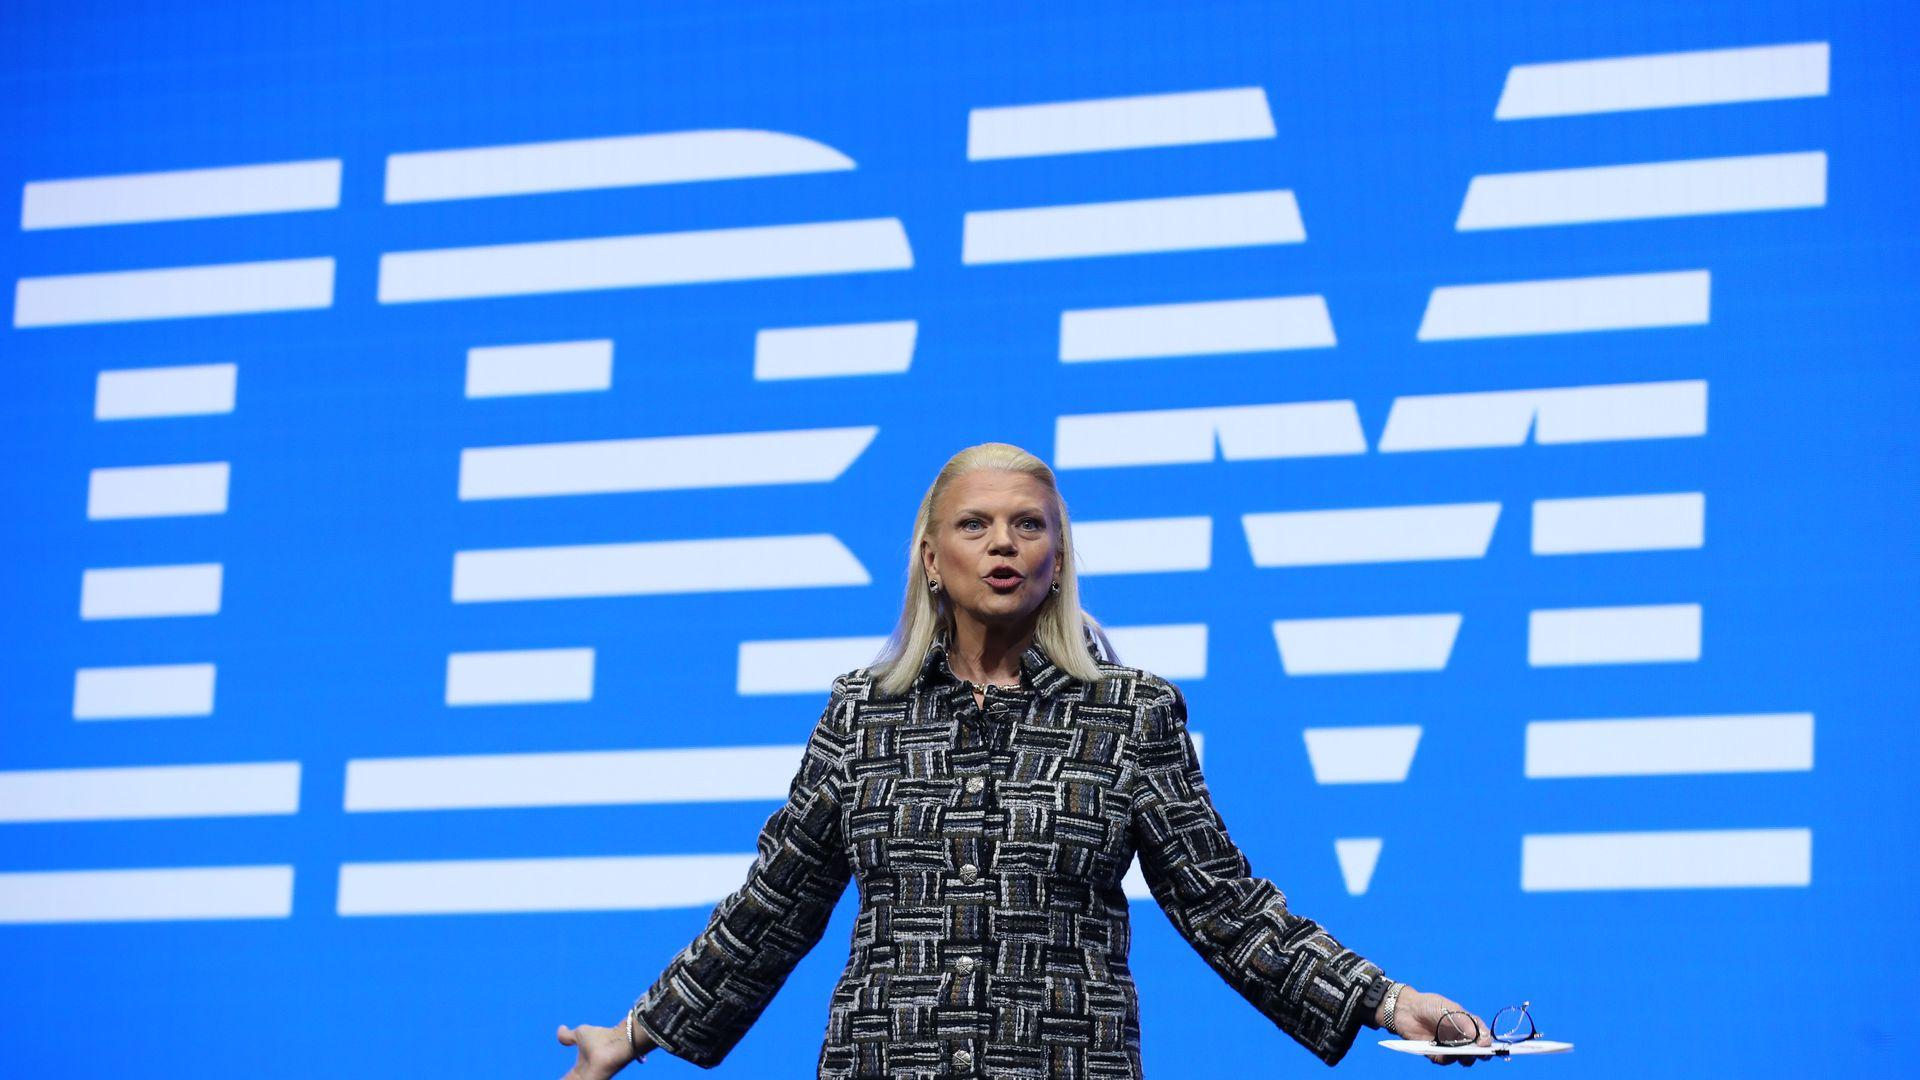 IBM CEO c02542c737fca